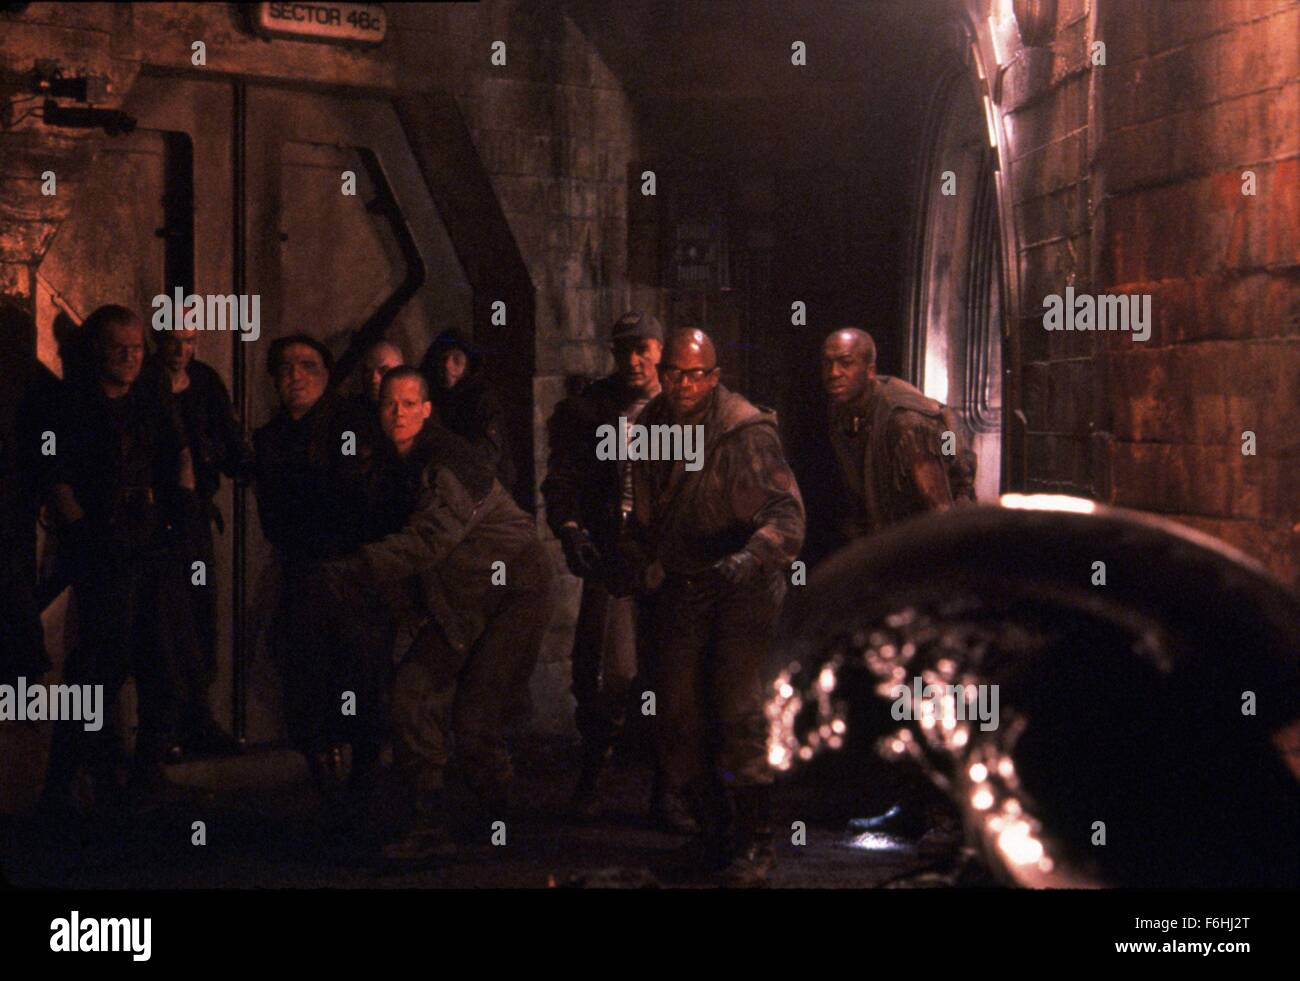 Download Film Alien 3 1992 2